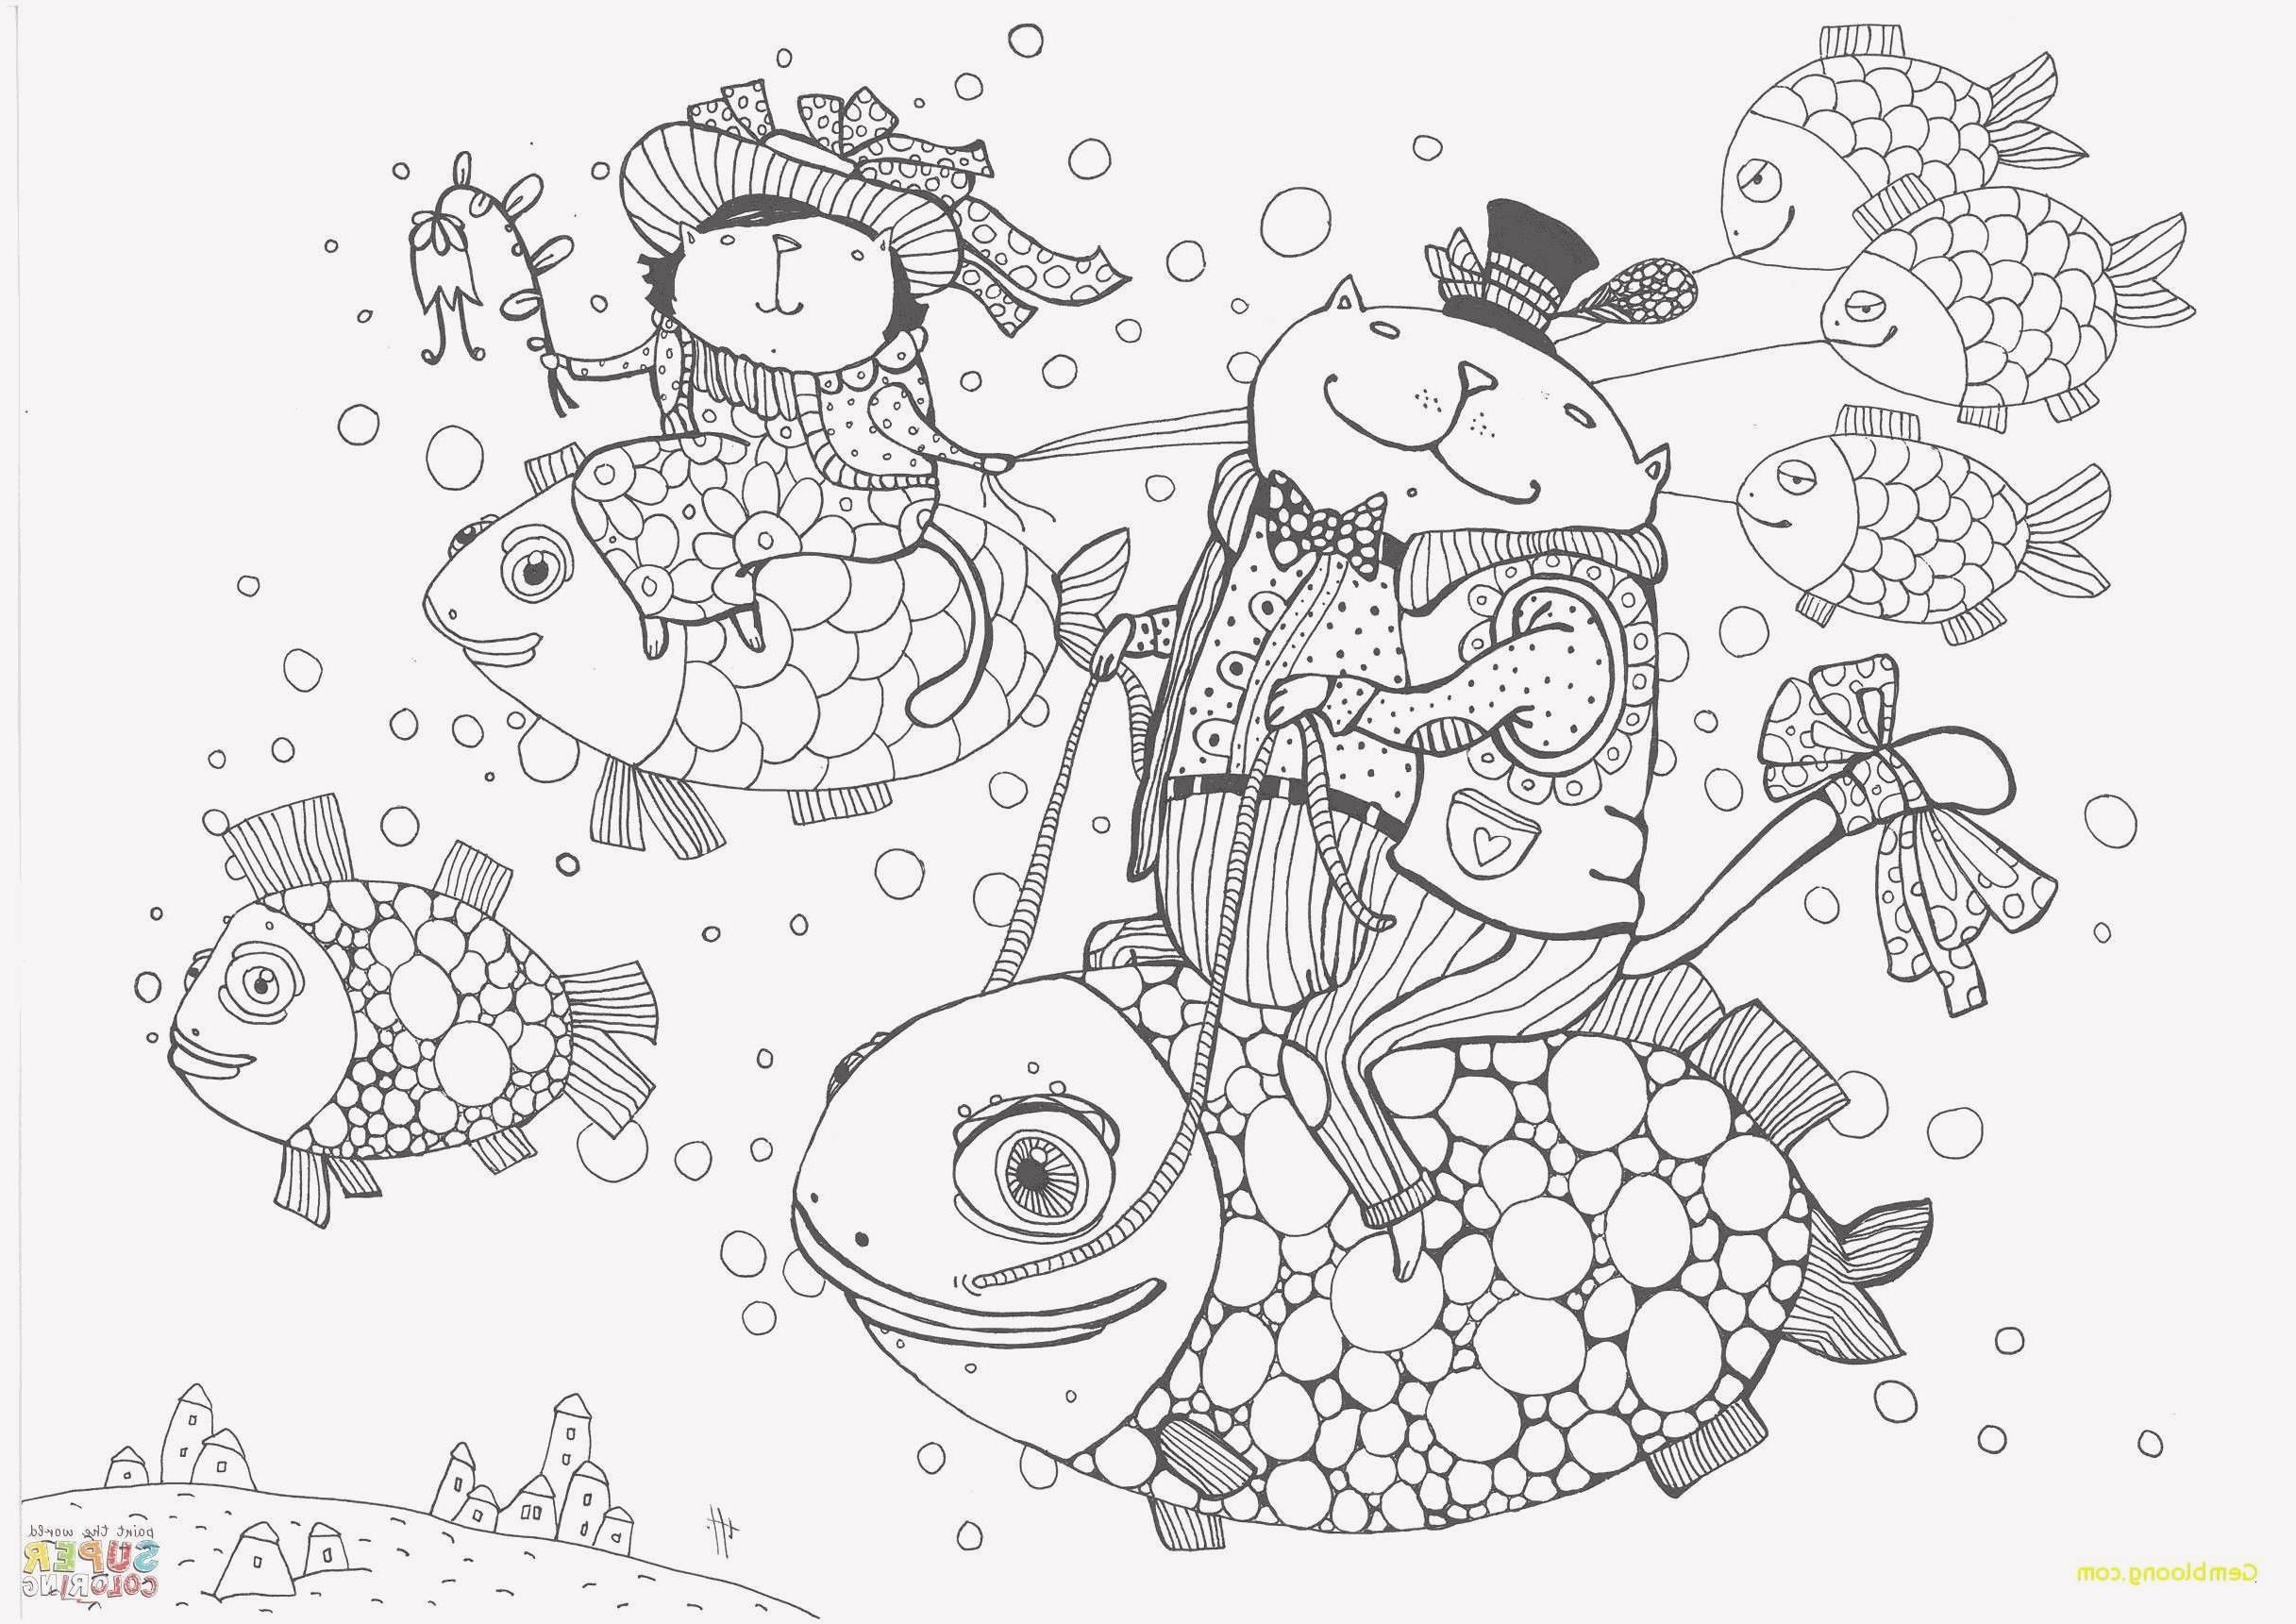 Bilder Weihnachten Kostenlos Zum Ausdrucken Genial 34 Luxus Ausmalbilder Weihnachten Kostenlos – Große Coloring Page Stock